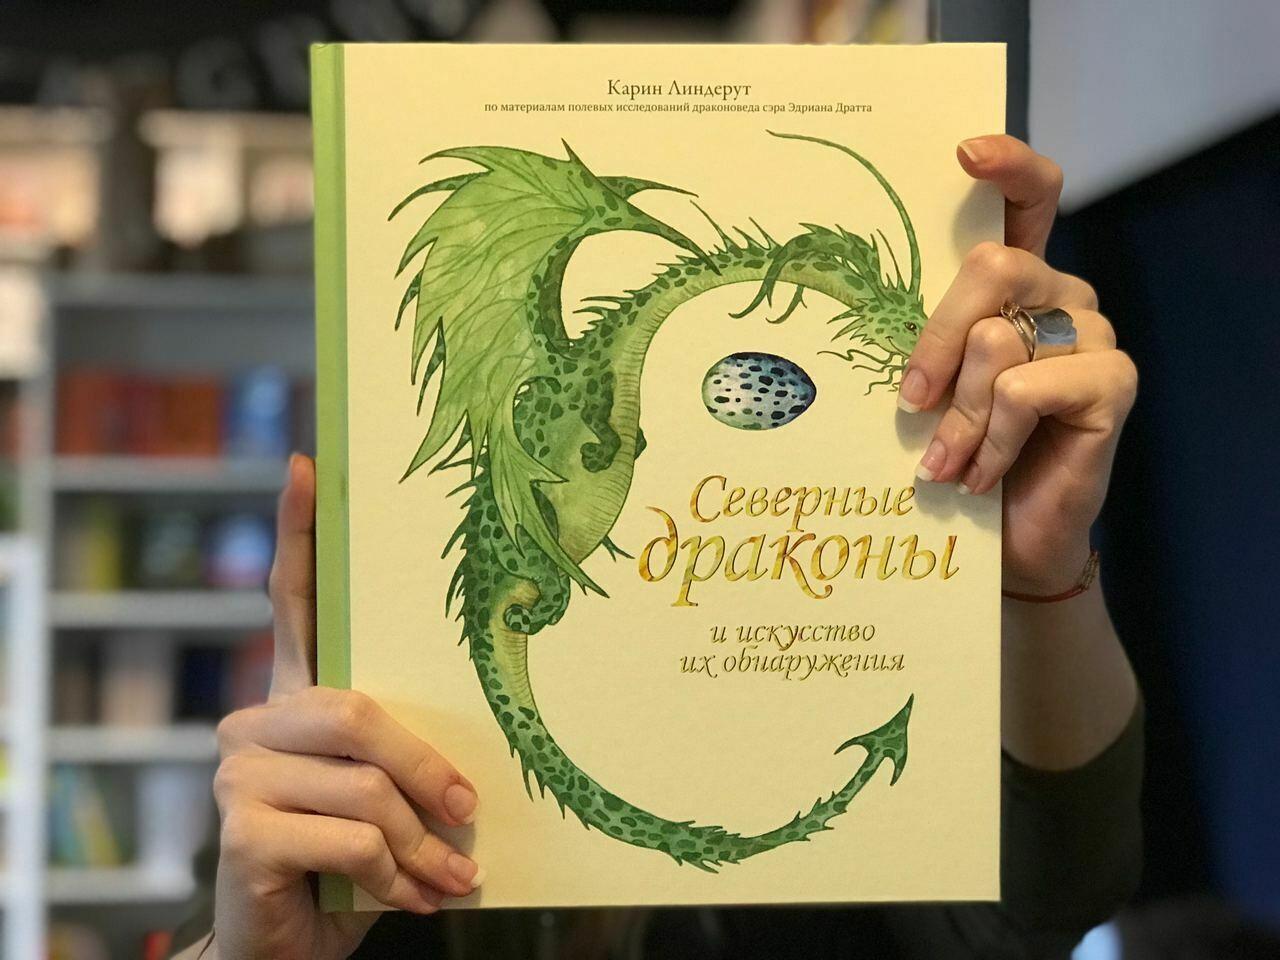 Северные драконы и искусство их обнаружения